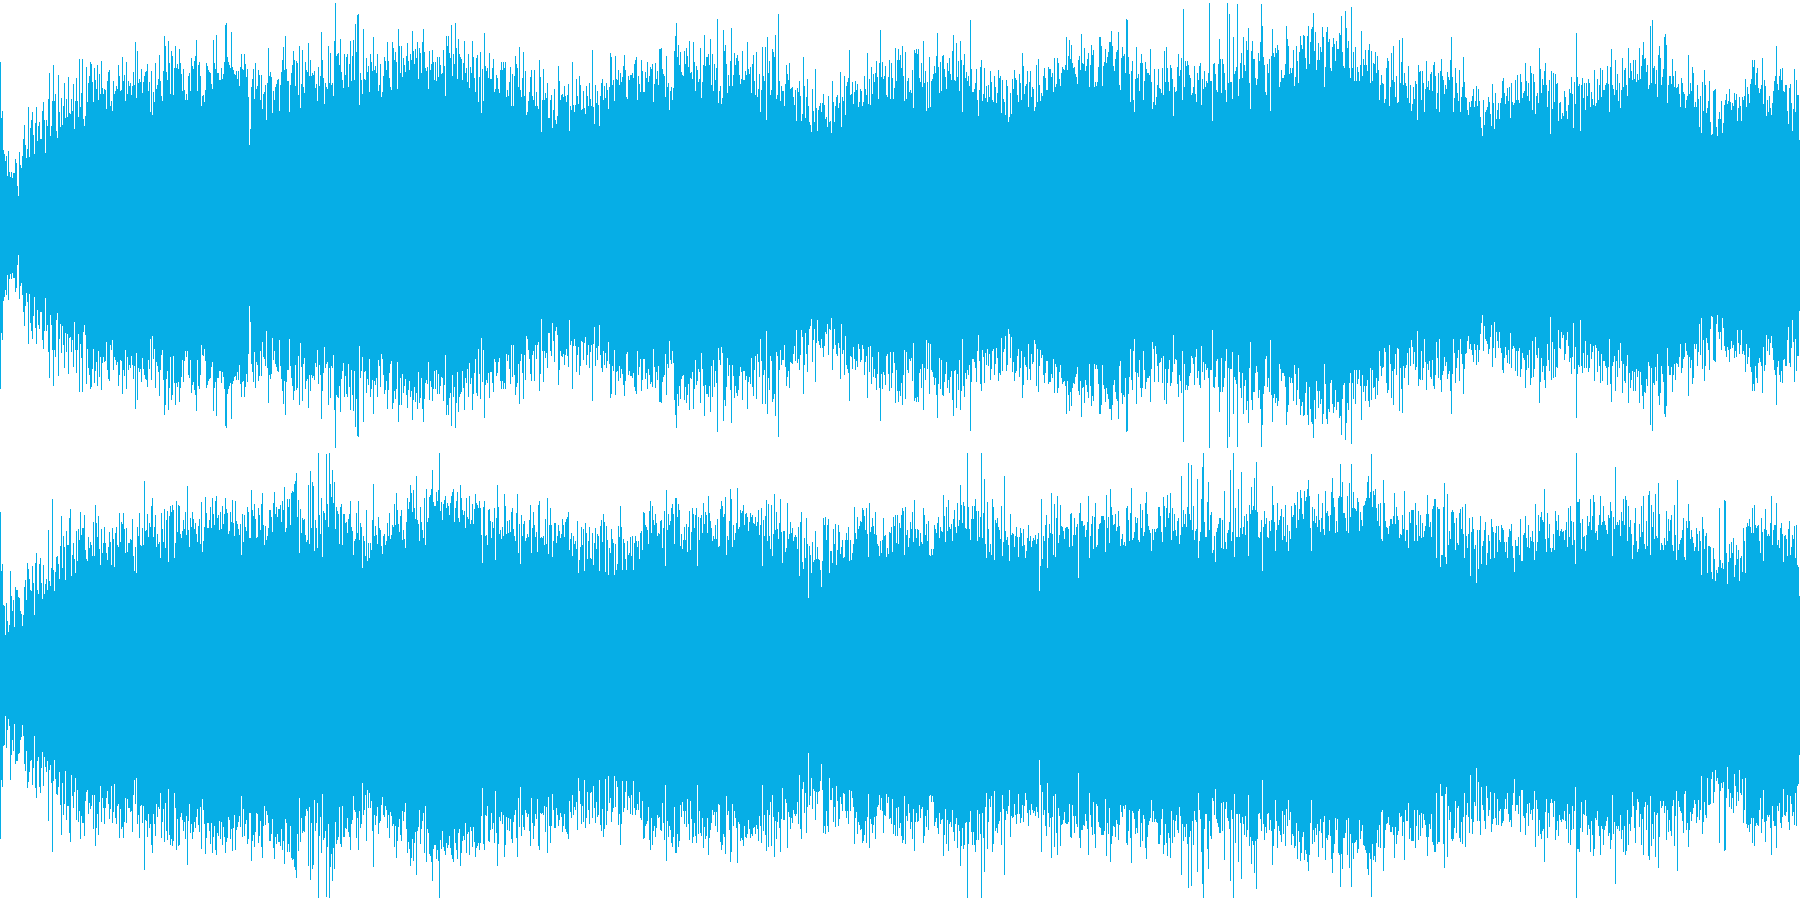 水中から忍び寄る ホラー ループの再生済みの波形